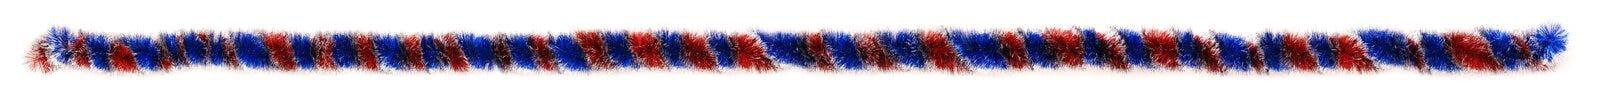 蓝色和红色闪亮金属片样品真正的大小 免版税库存图片